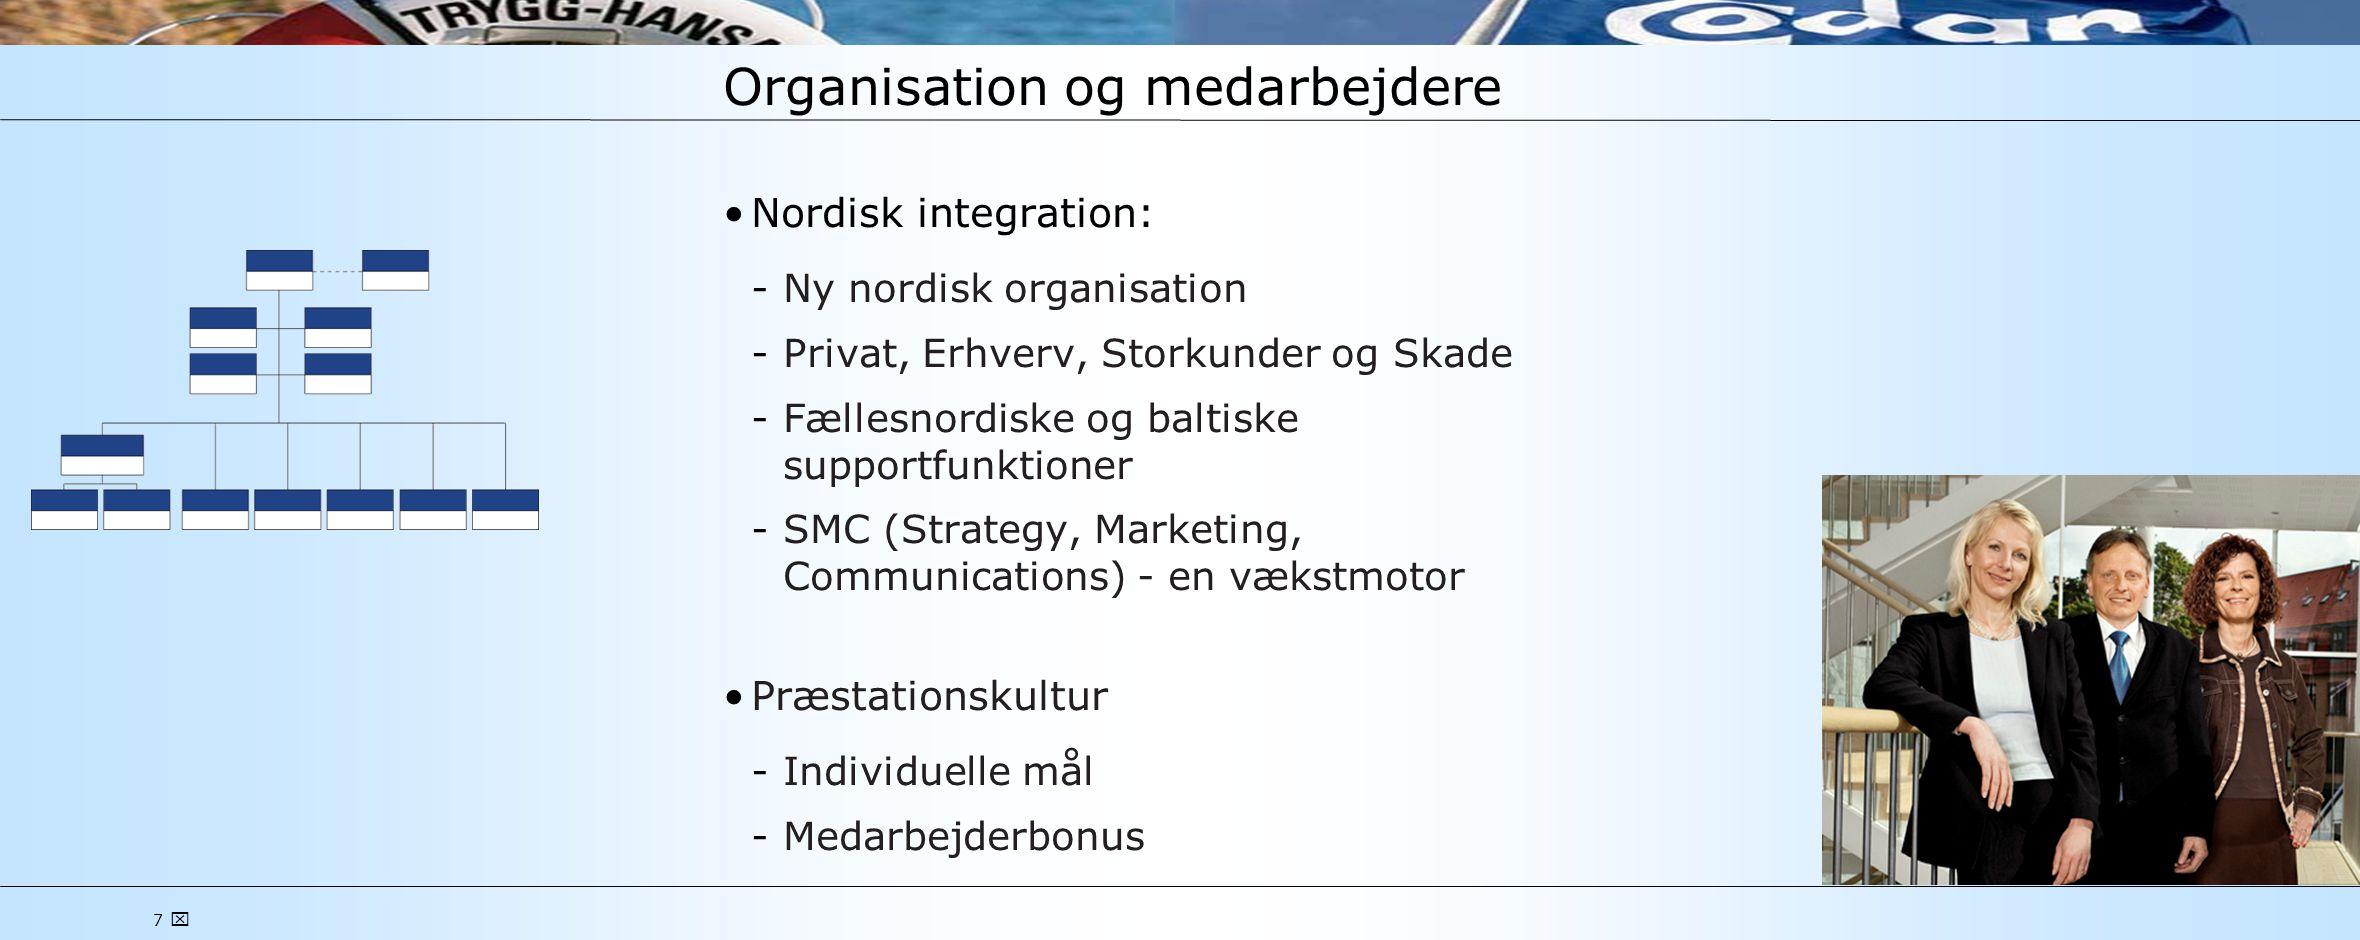 7  Organisation og medarbejdere •Nordisk integration: Ny nordisk organisation Privat, Erhverv, Storkunder og Skade Fællesnordiske og baltiske supportfunktioner SMC (Strategy, Marketing, Communications) - en vækstmotor •Præstationskultur Individuelle mål Medarbejderbonus